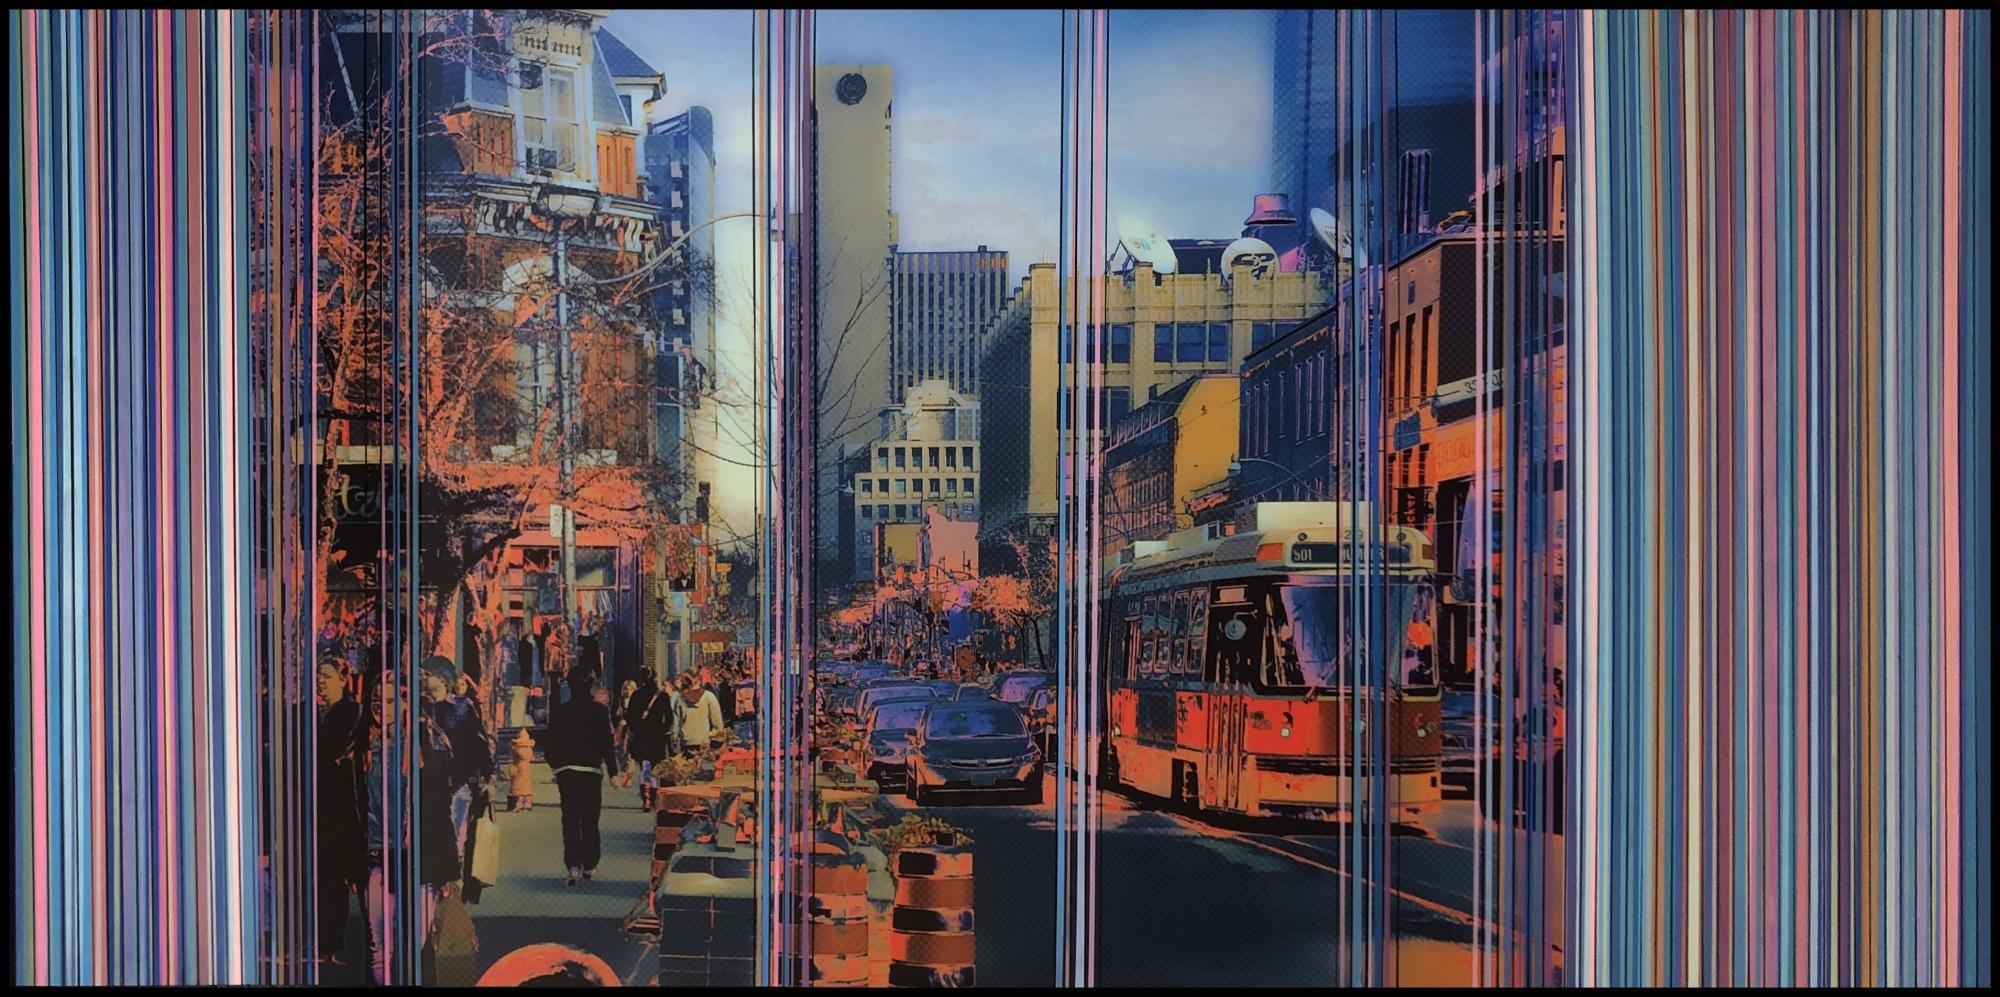 My City 402 by Jamie MacRae